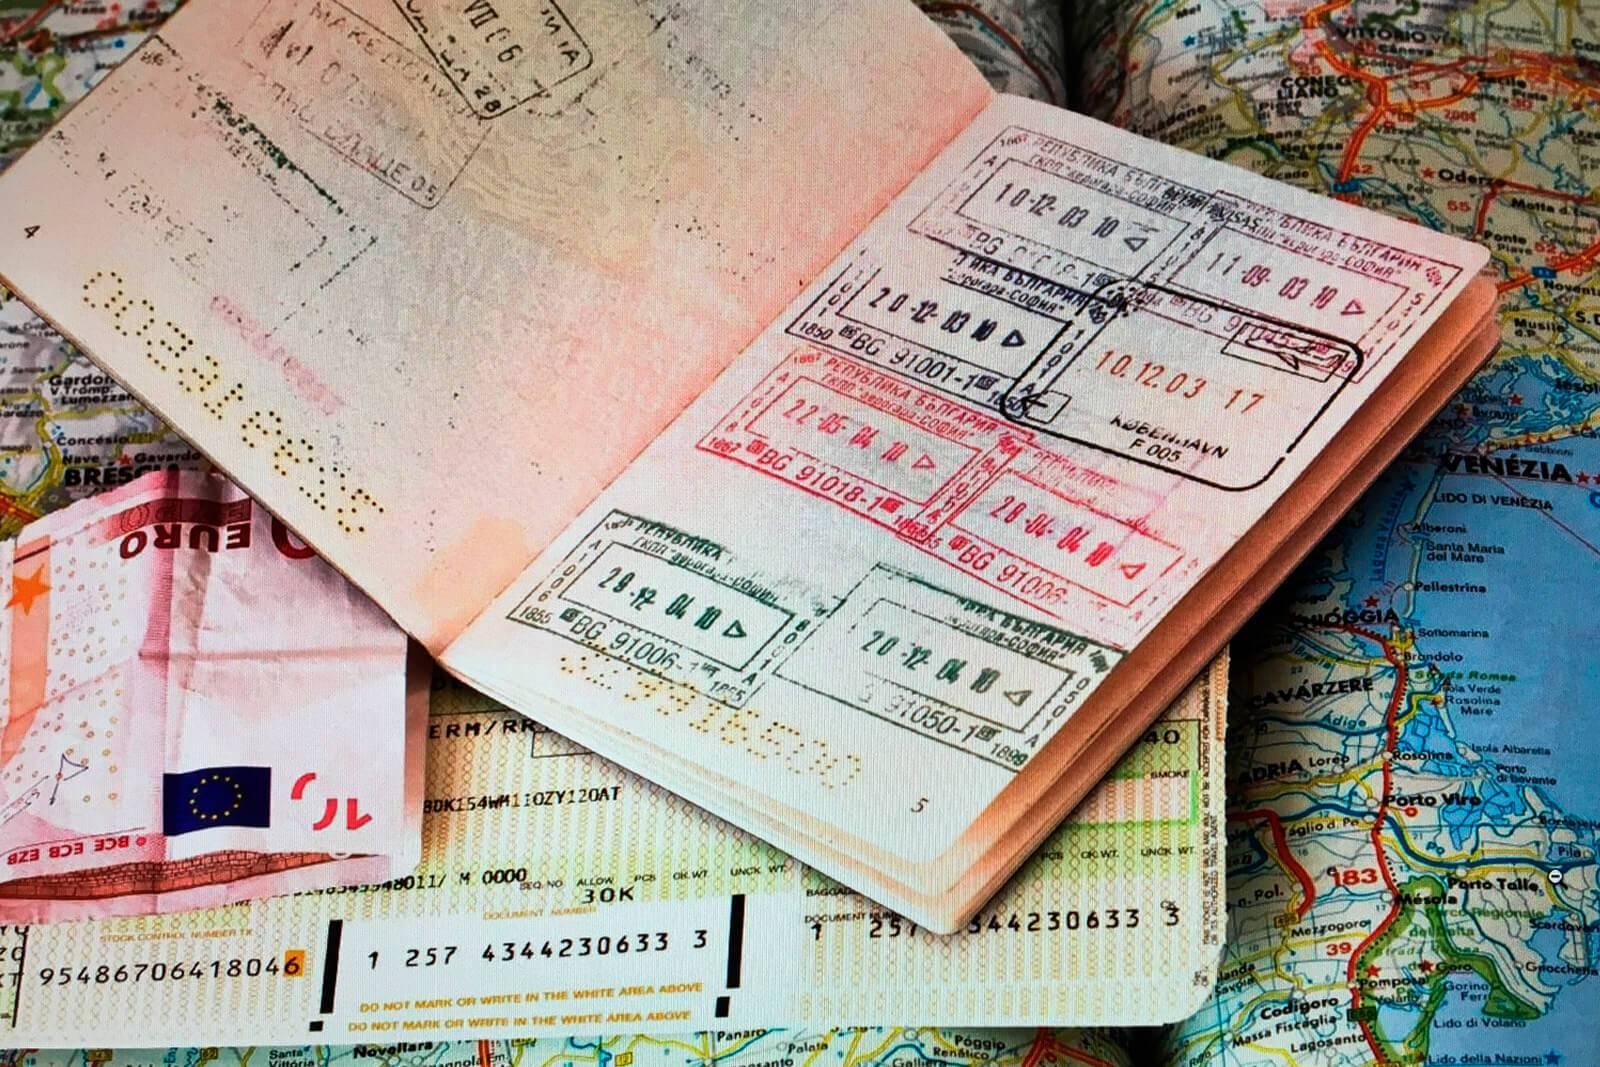 Денежные переводы по системам контакт, western union, золотая корона: тарифы и условия | bankstoday